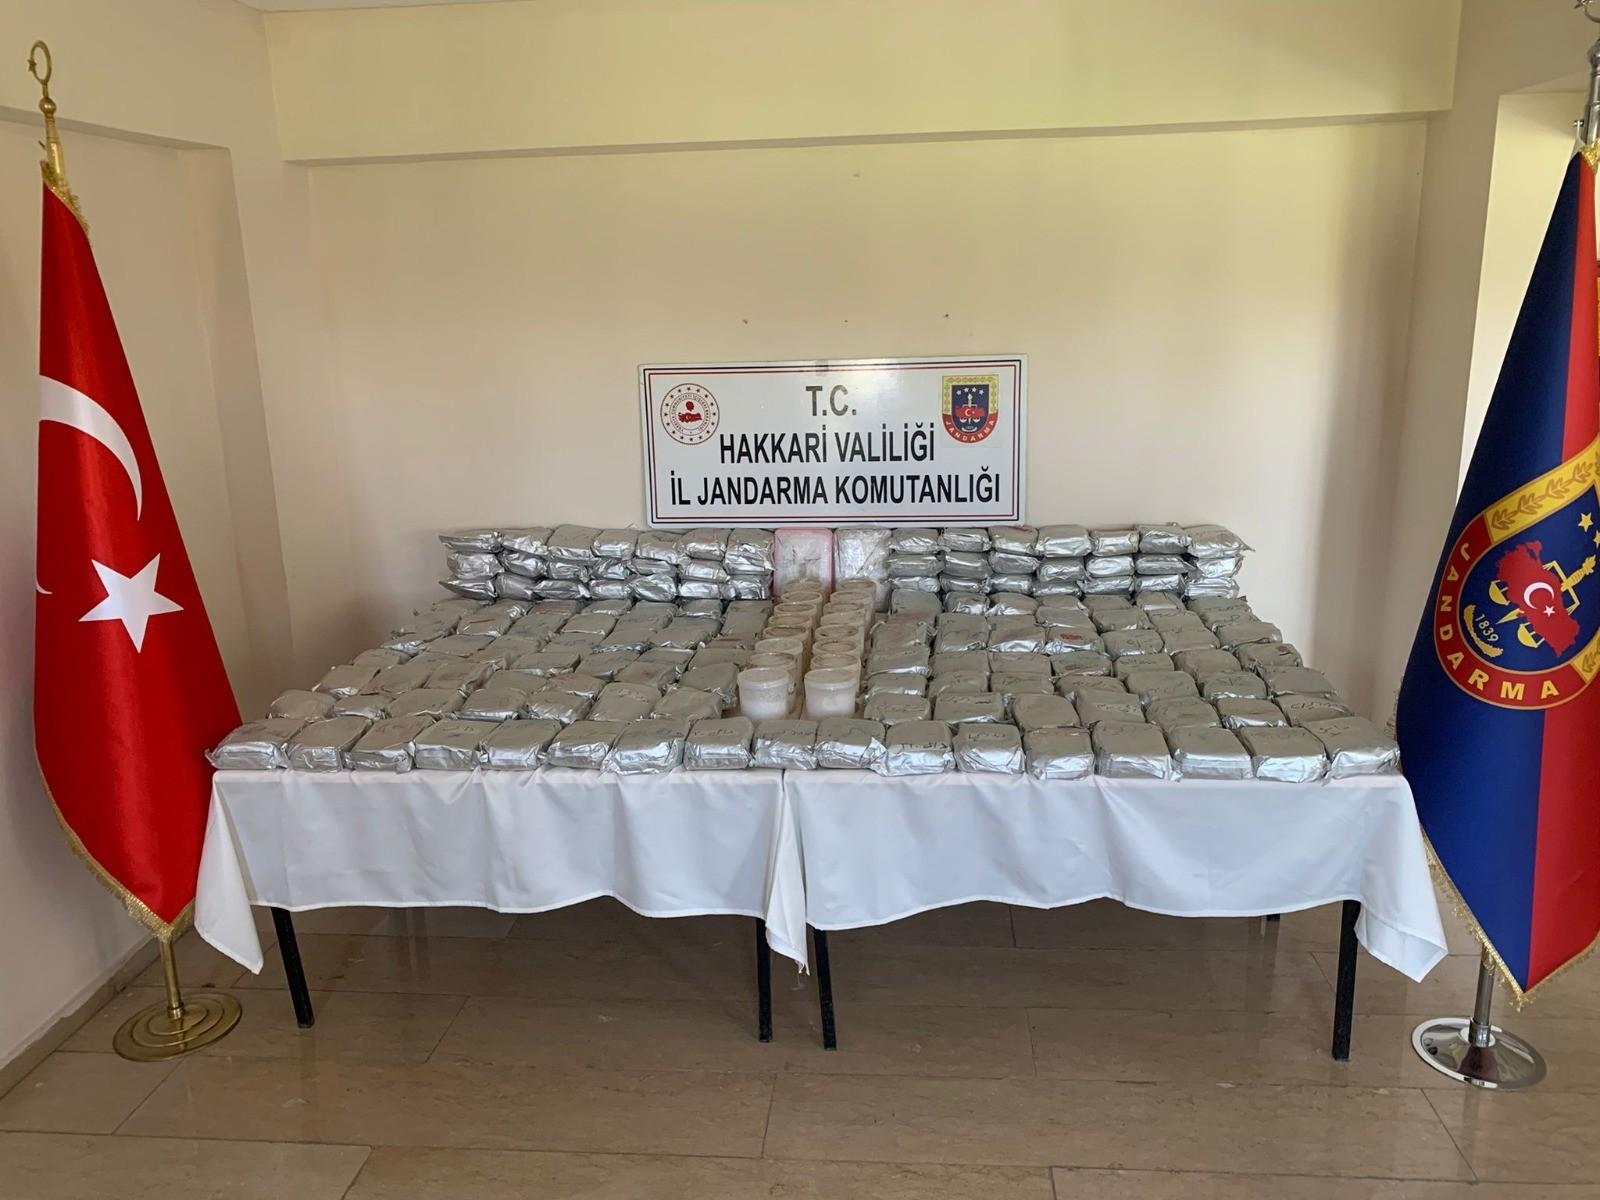 MİT ve jandarmanın ortak operasyonunda 189 kilo uyuşturucu ele geçirildi #hakkari